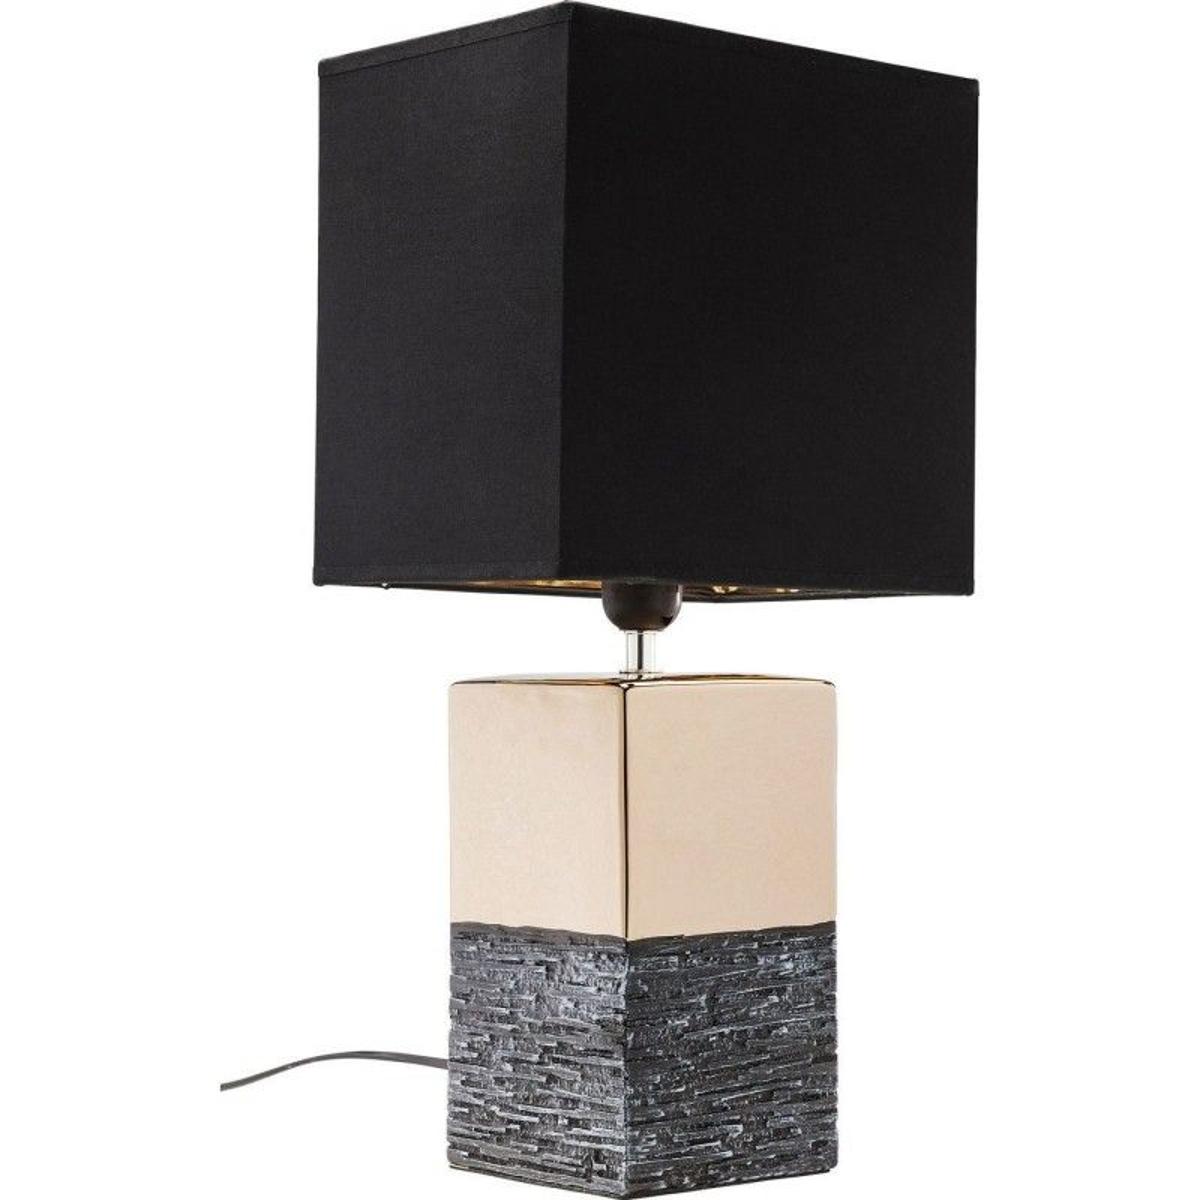 Lampe de table Creation carrée 51cm Kare Design